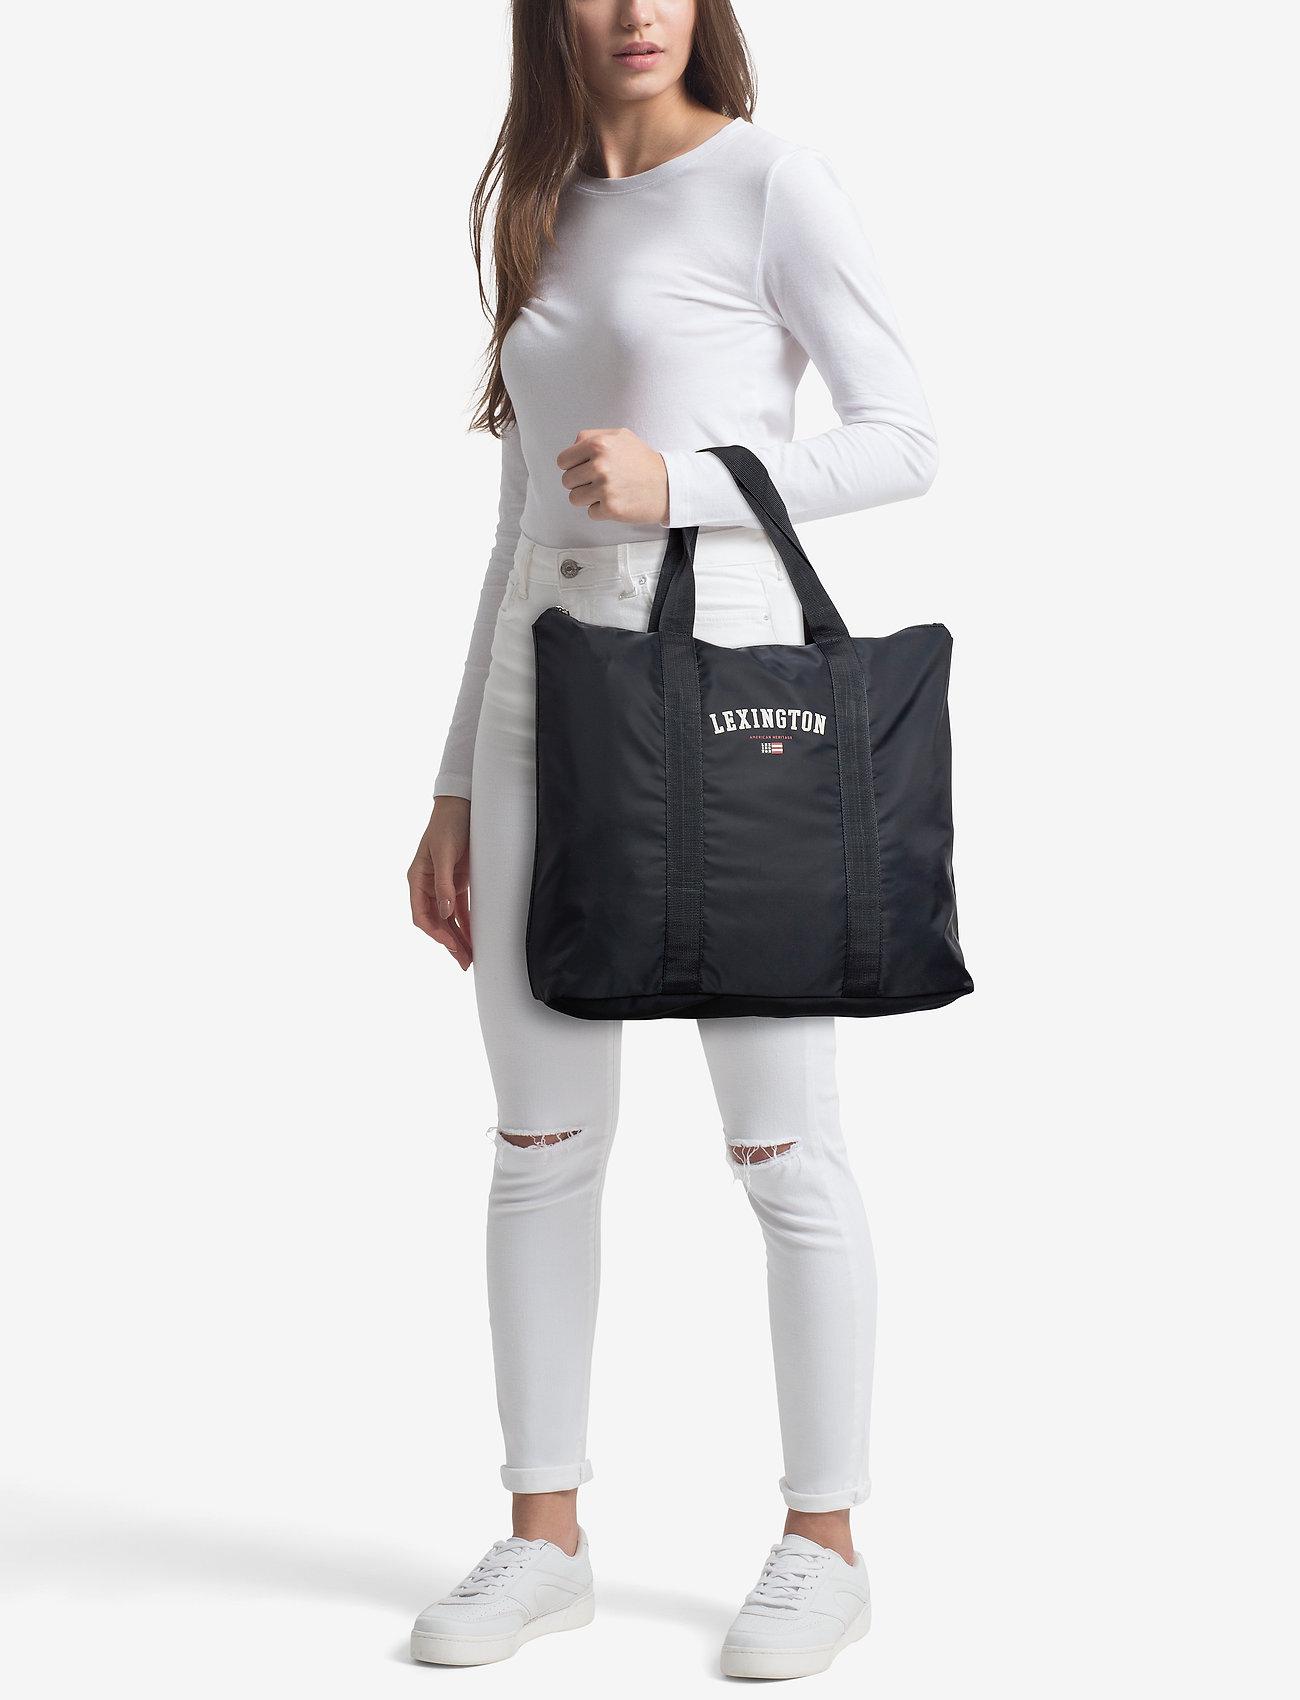 Lexington Clothing Claremont Tote Bag - BLUE